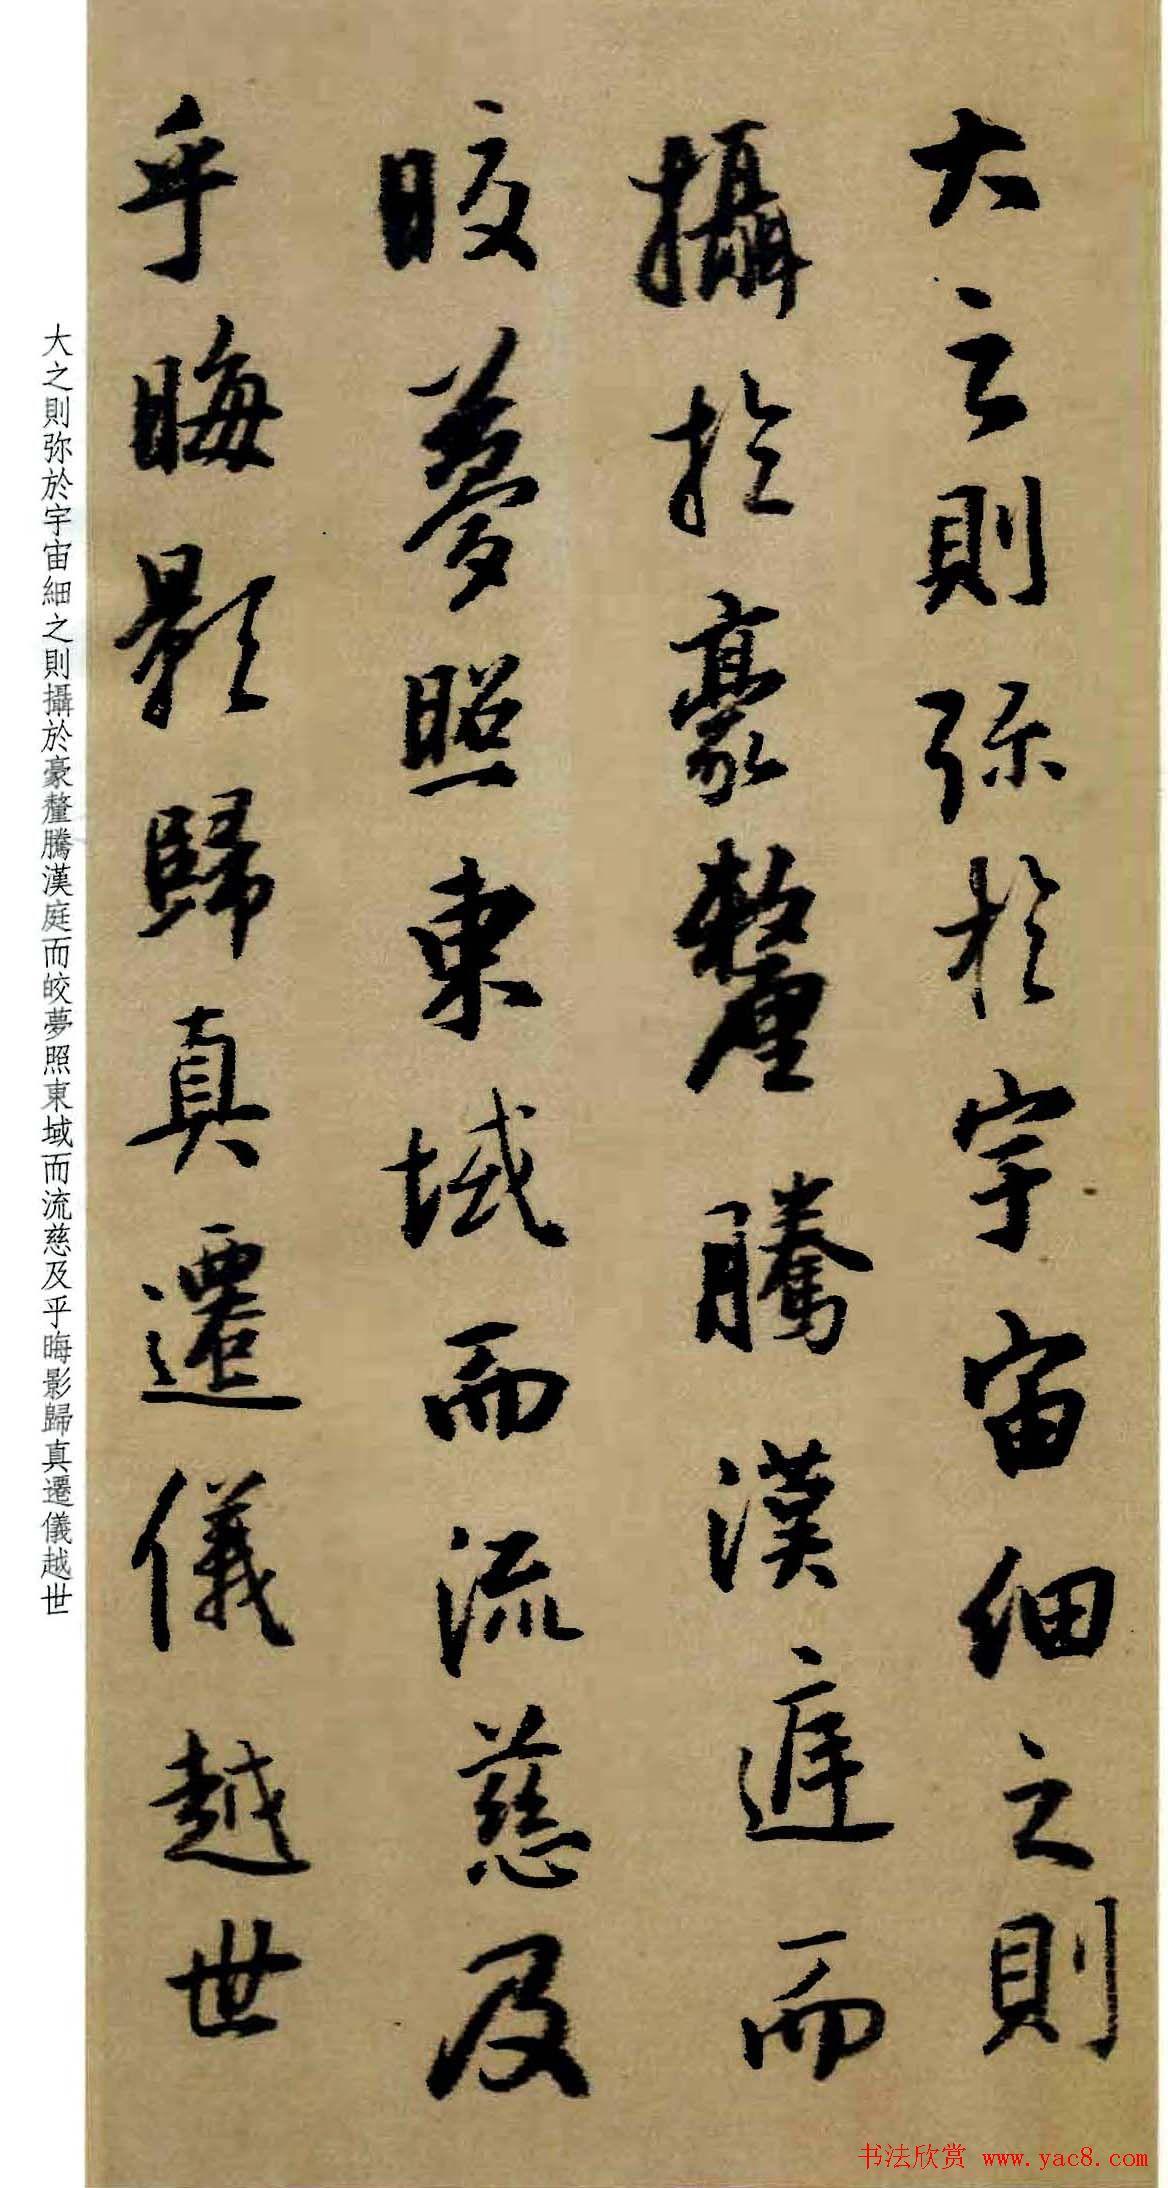 王铎行书作品《为景圭先生临圣教序册》